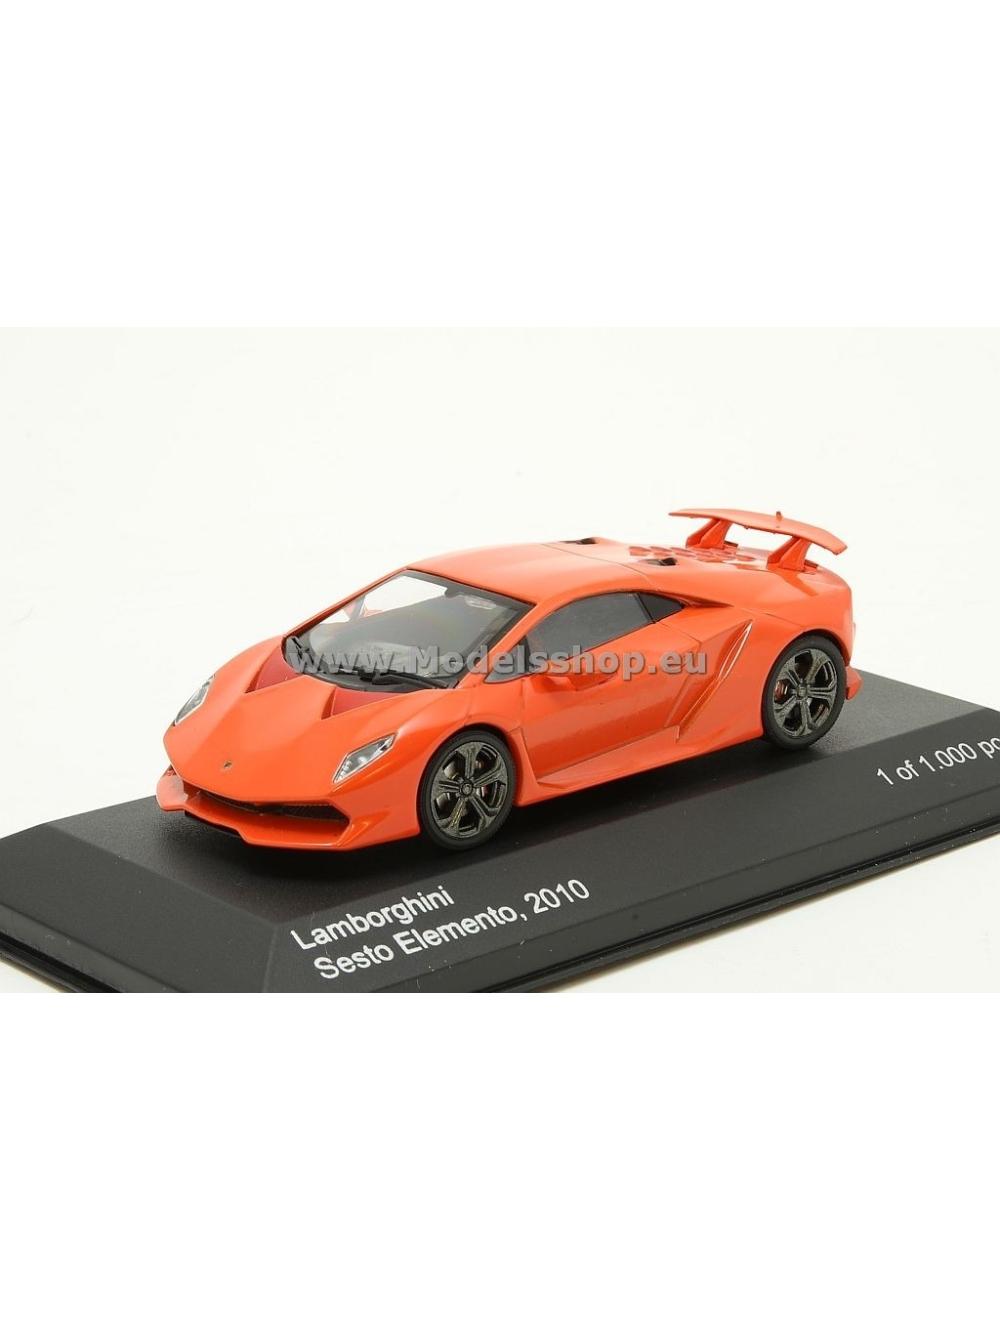 Lamborghini Sesto Elemento 2010 Red